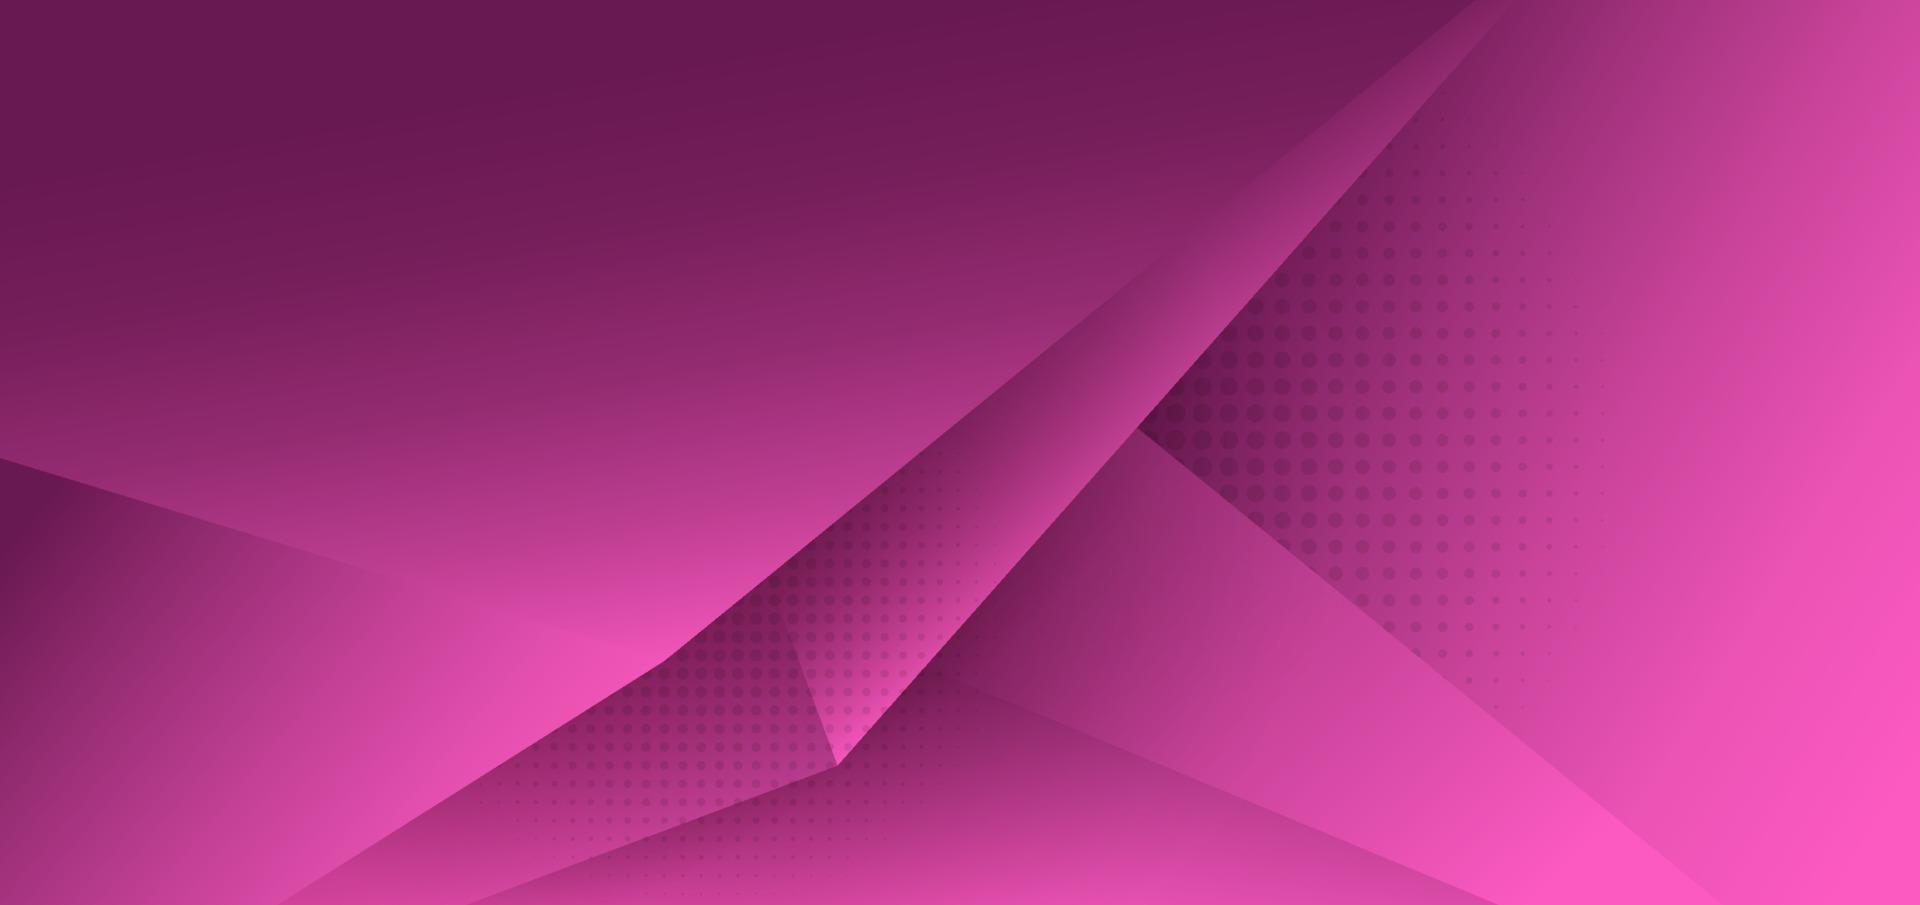 Fondo degradado triángulo polígono rosa abstracto con sombra y espacio para el texto. vector